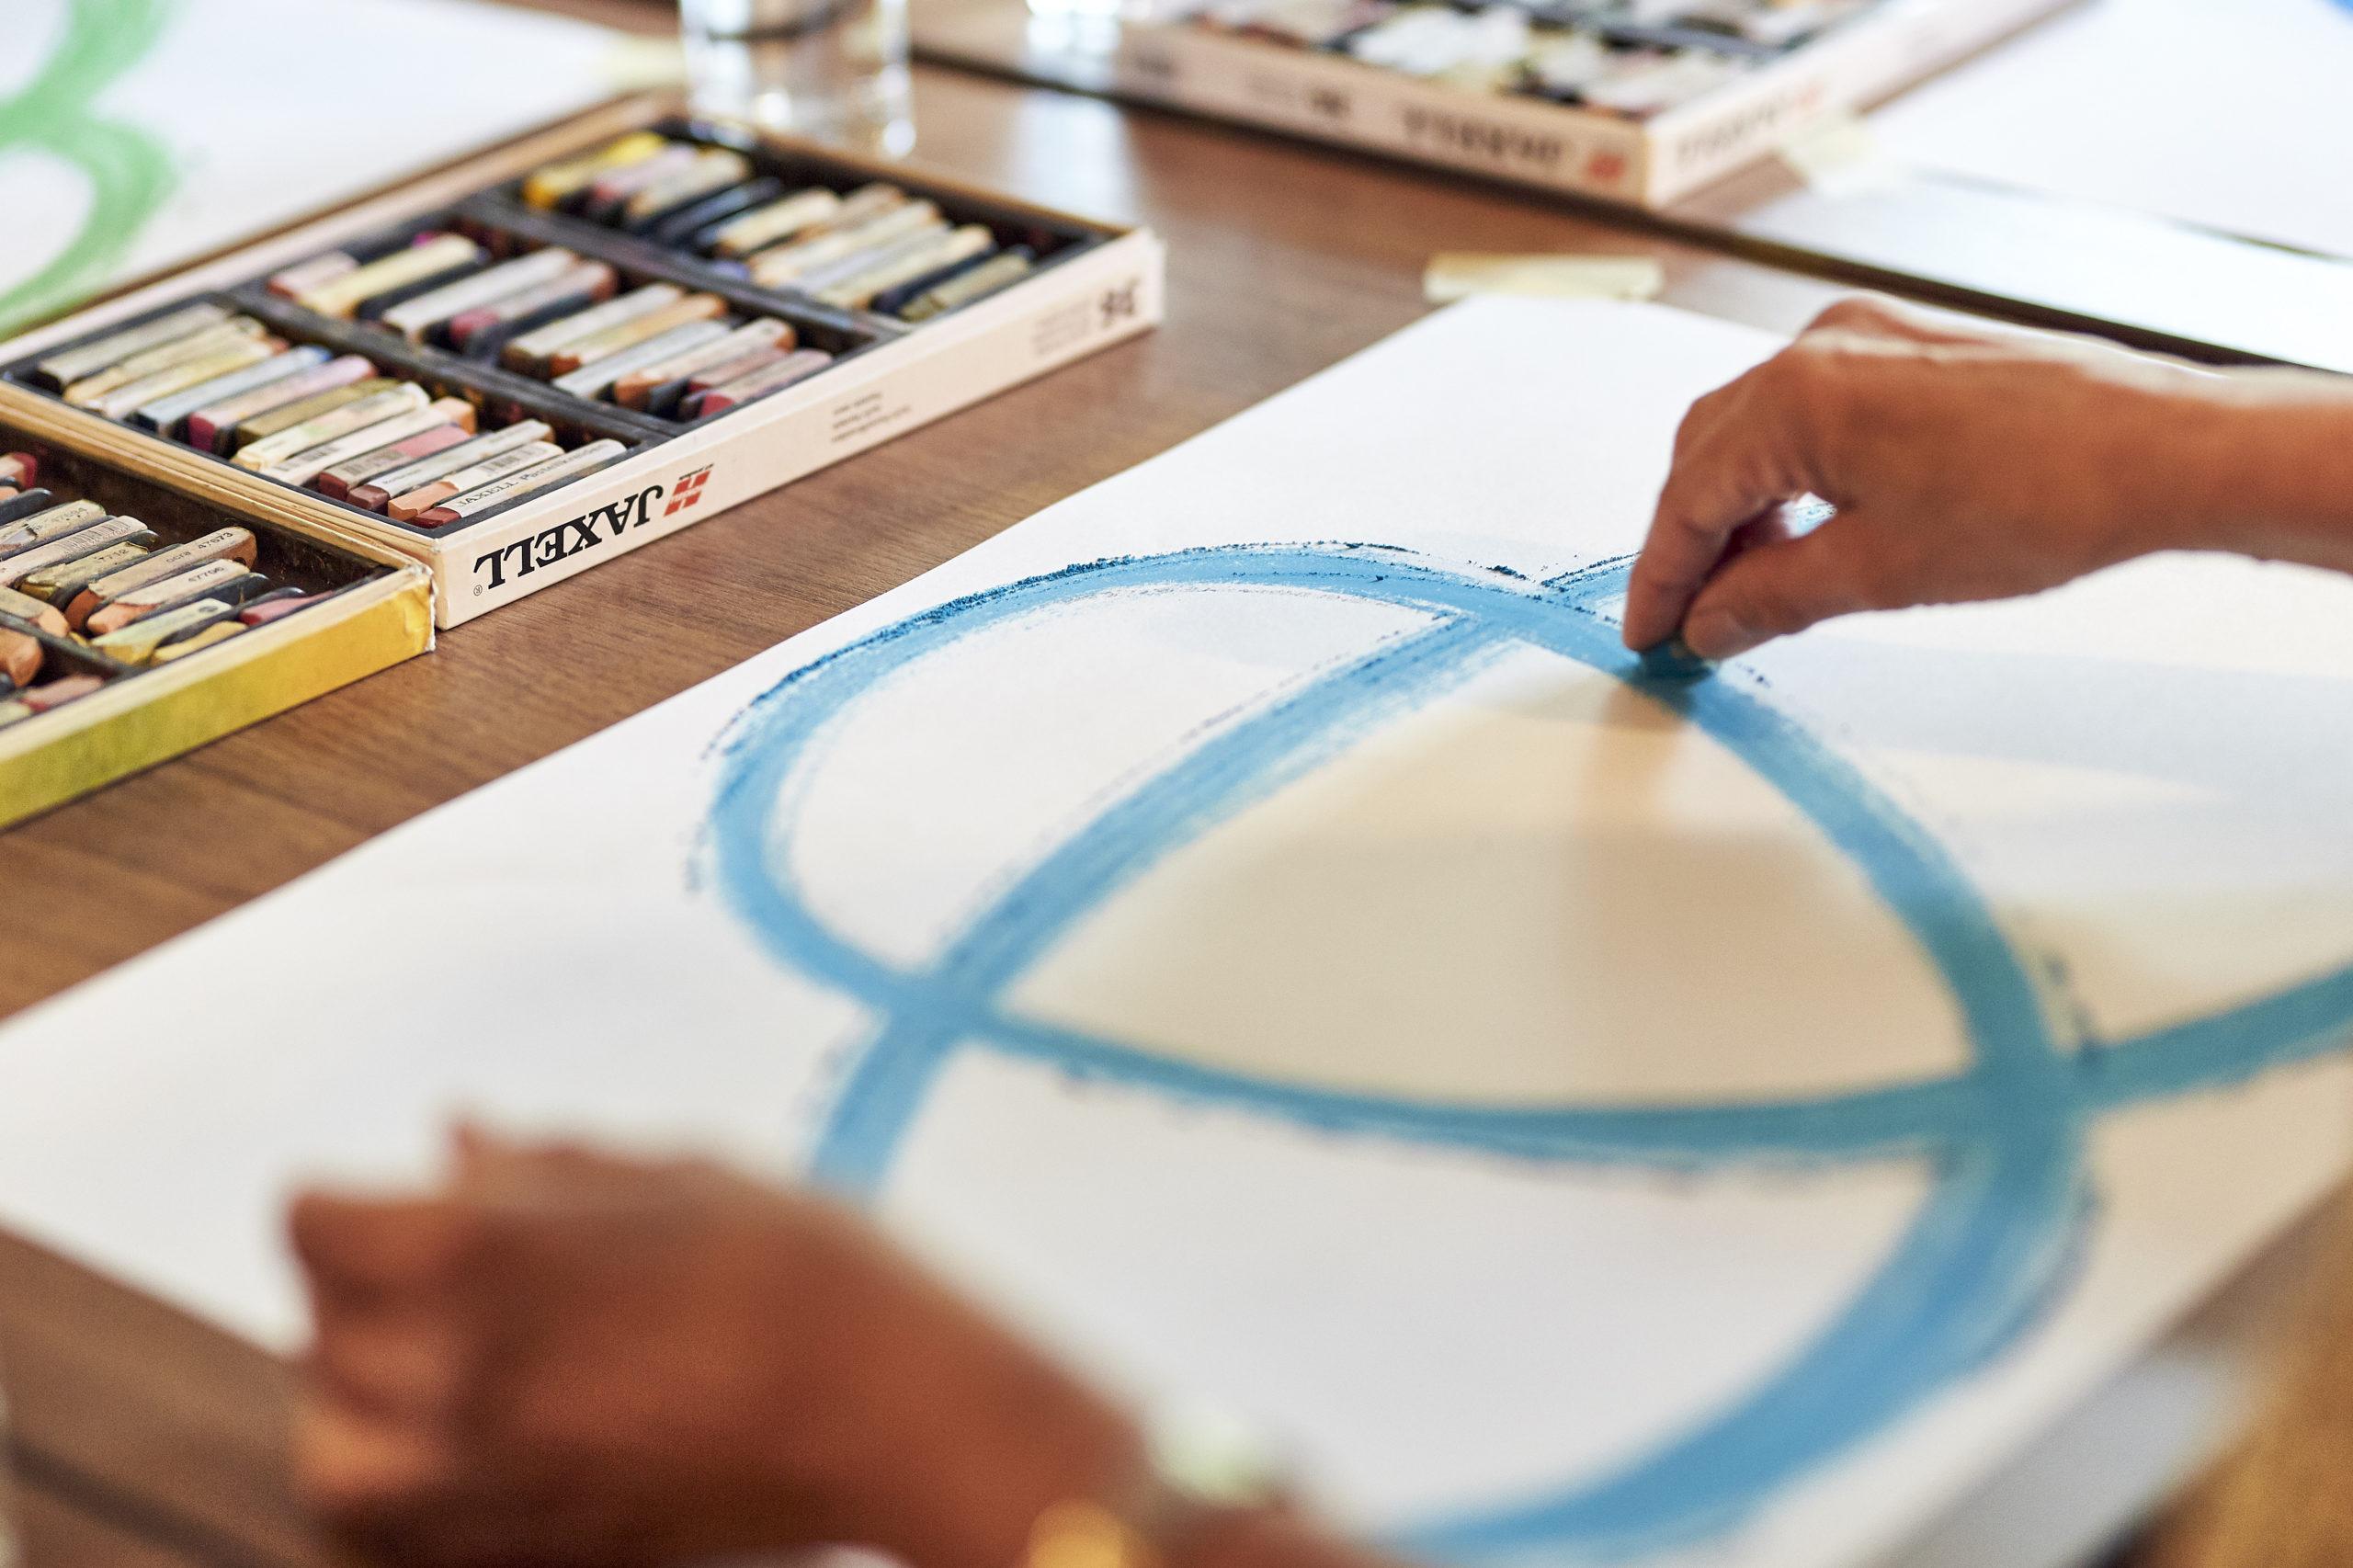 Kreativtherapie unterstützt Patient*innen, bei sich selbst anzukommen